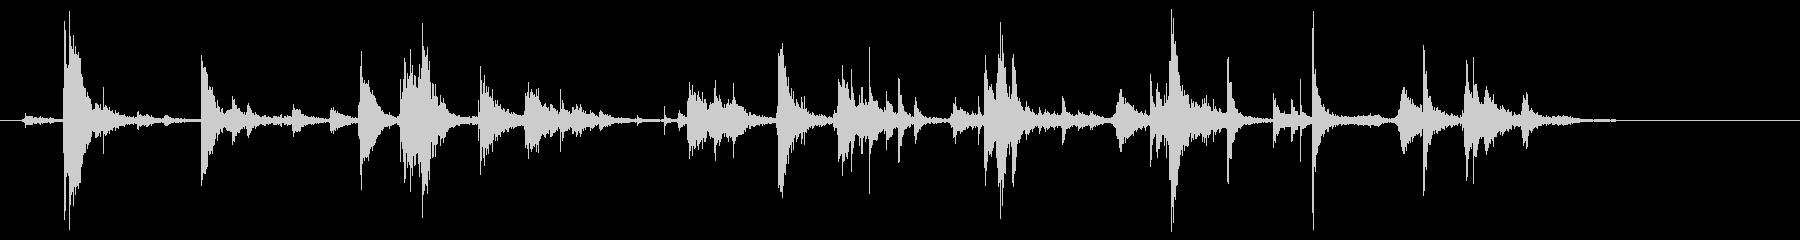 アルミステップラダー:上昇ラダーの未再生の波形